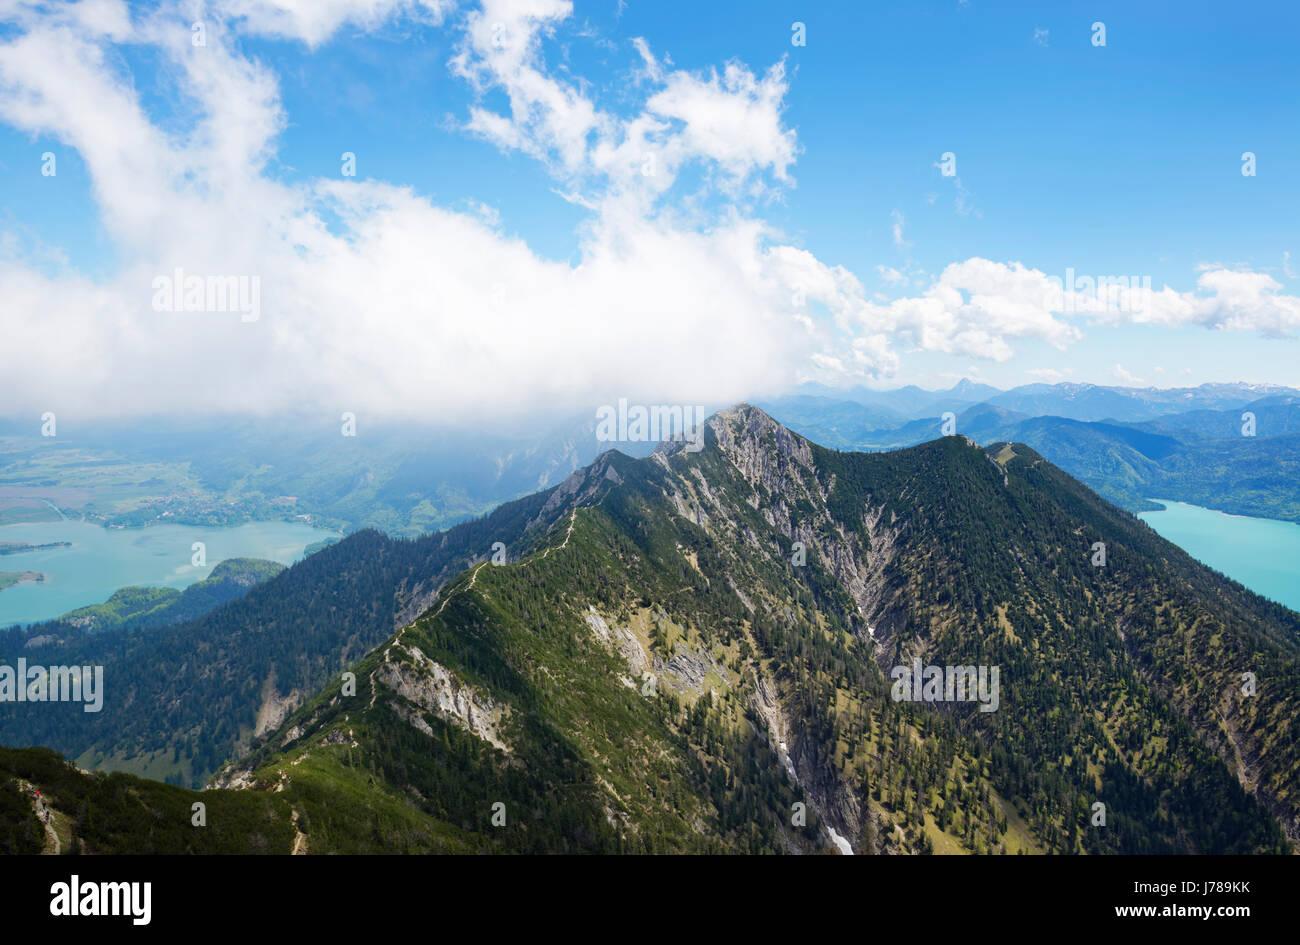 Blick vom Heimgarten zum Herzogstand, links Kocheslsee, rechts Walchensee, Tšlzer Land, Oberbayern, Bayern, Deutschland, Stock Photo